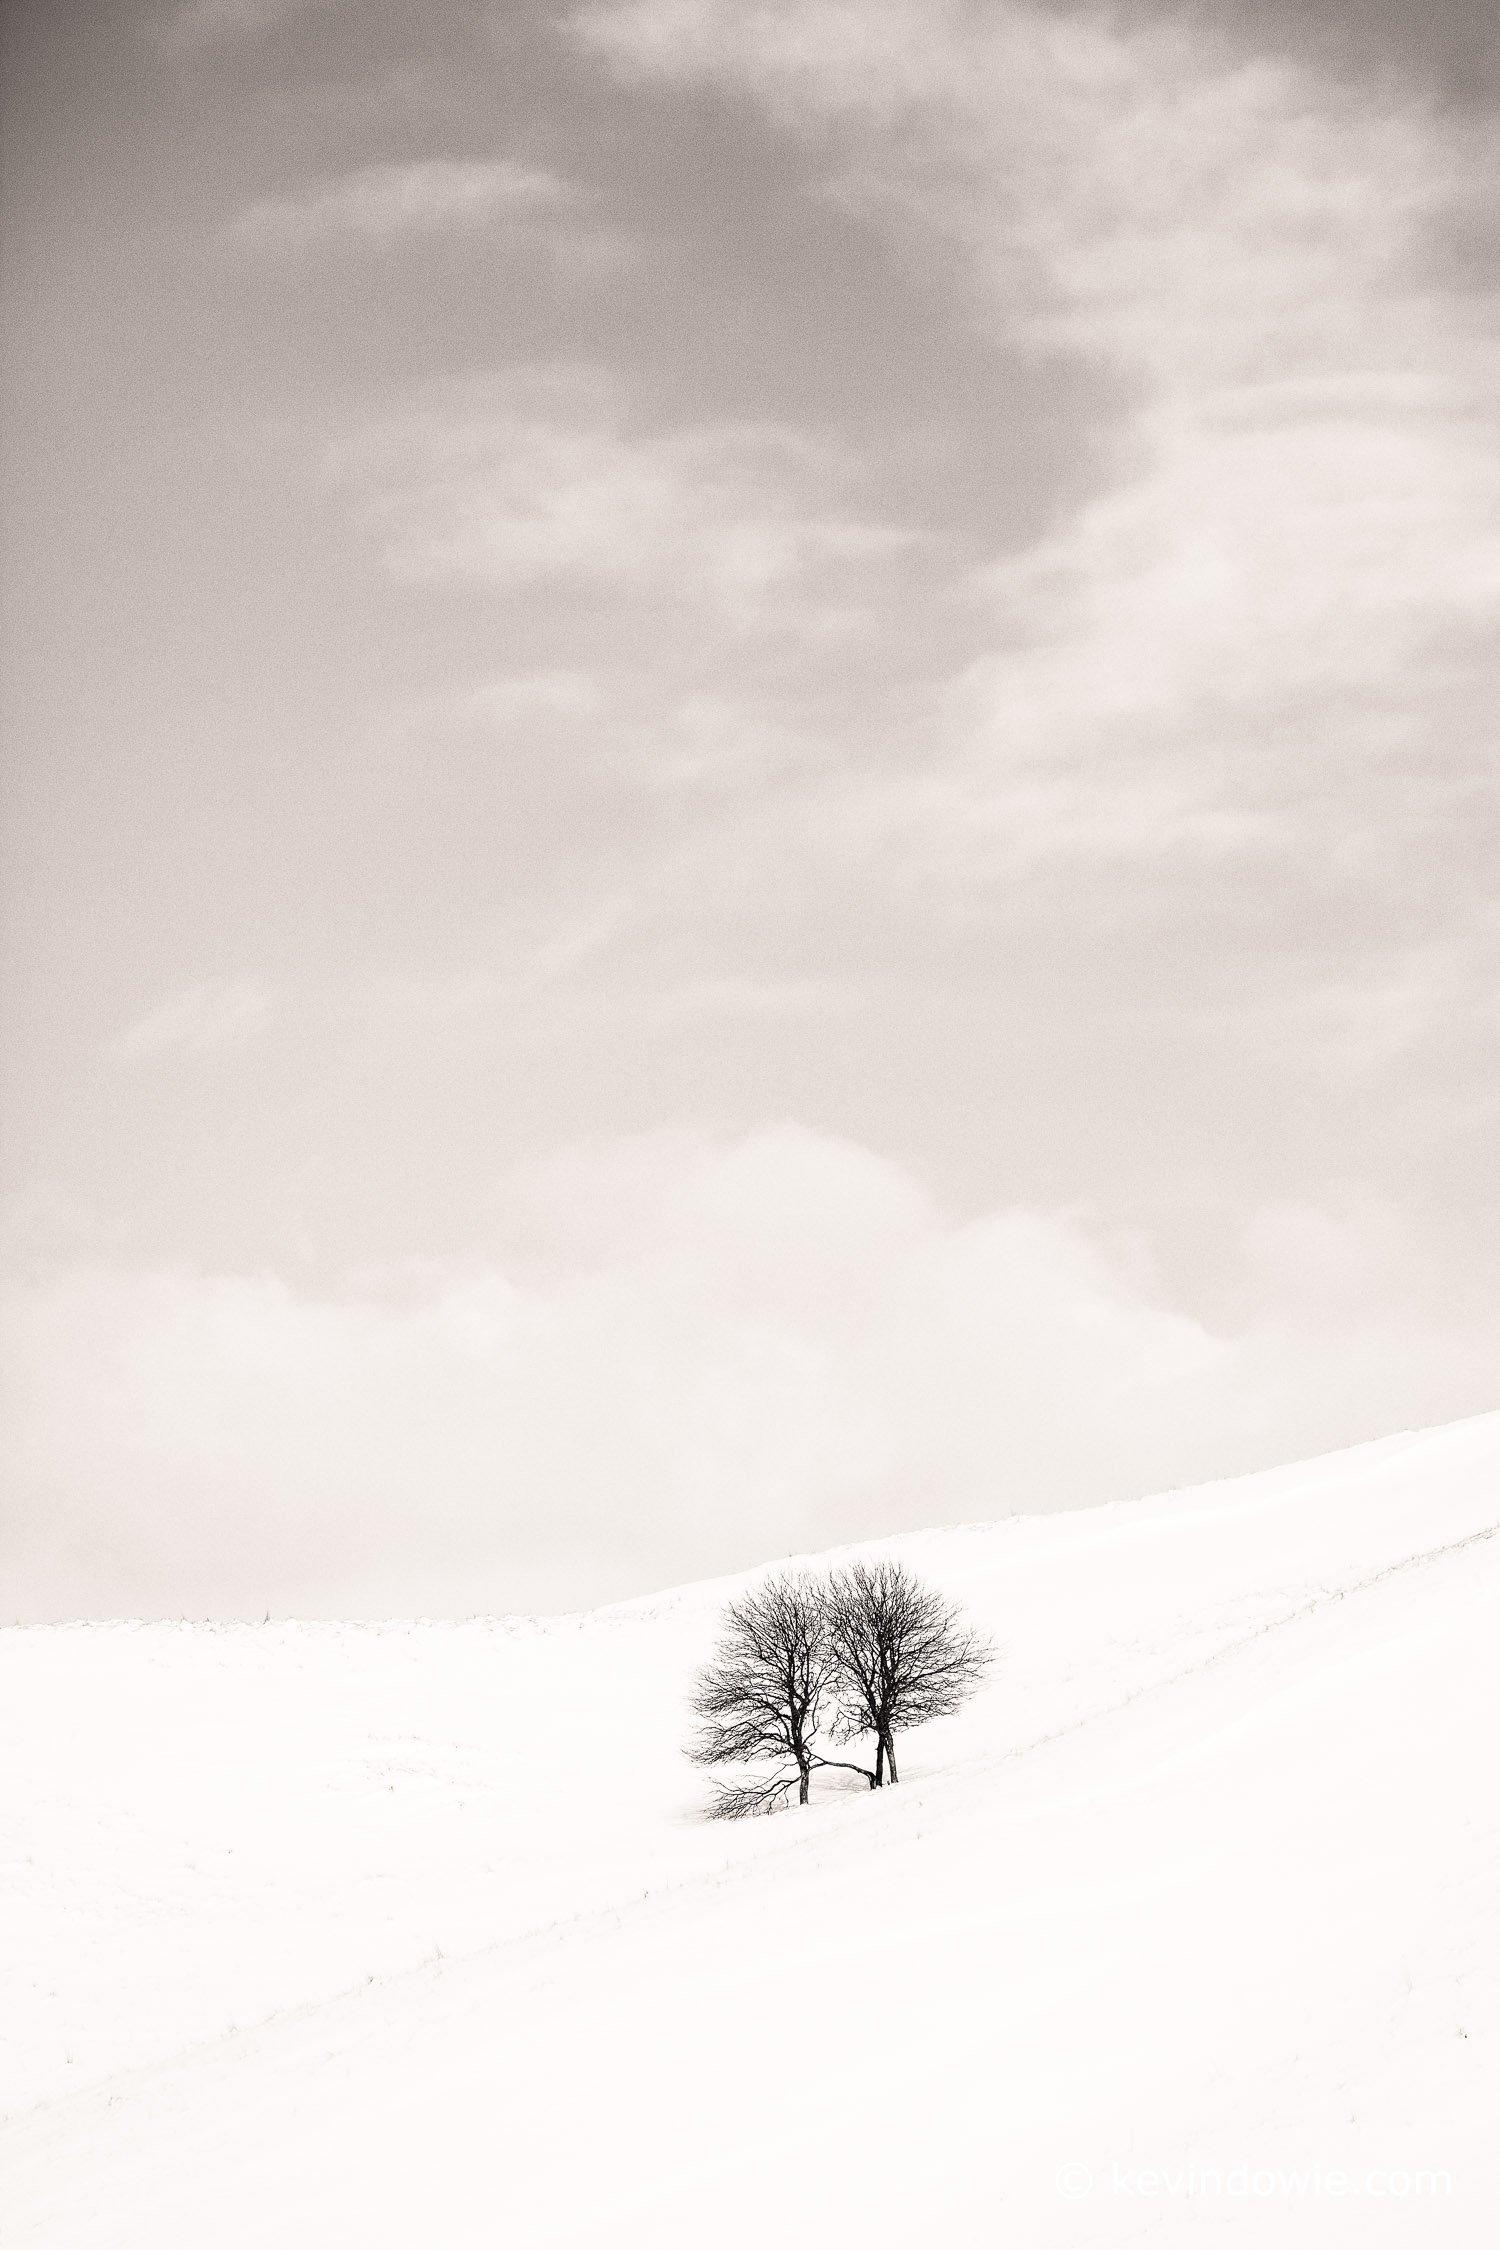 Trees in winter landscape, Hokkaido